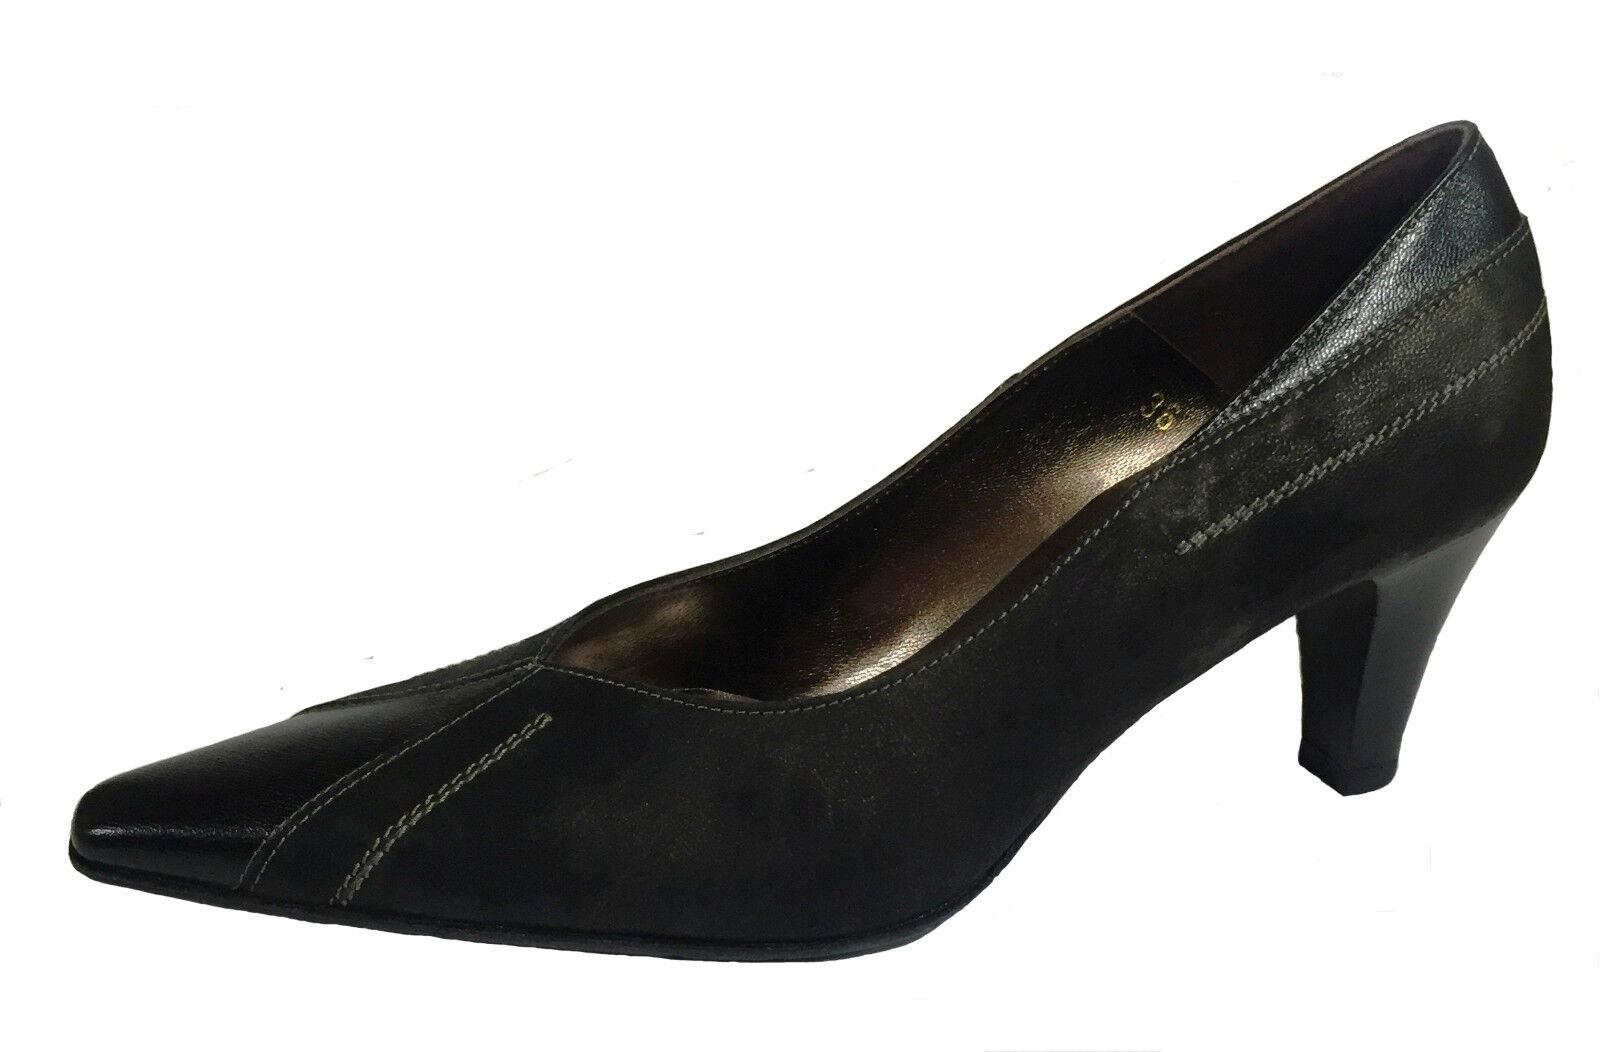 cc76609de89 leather toe with shoes court Women's ELATA color shoes comfortable ...